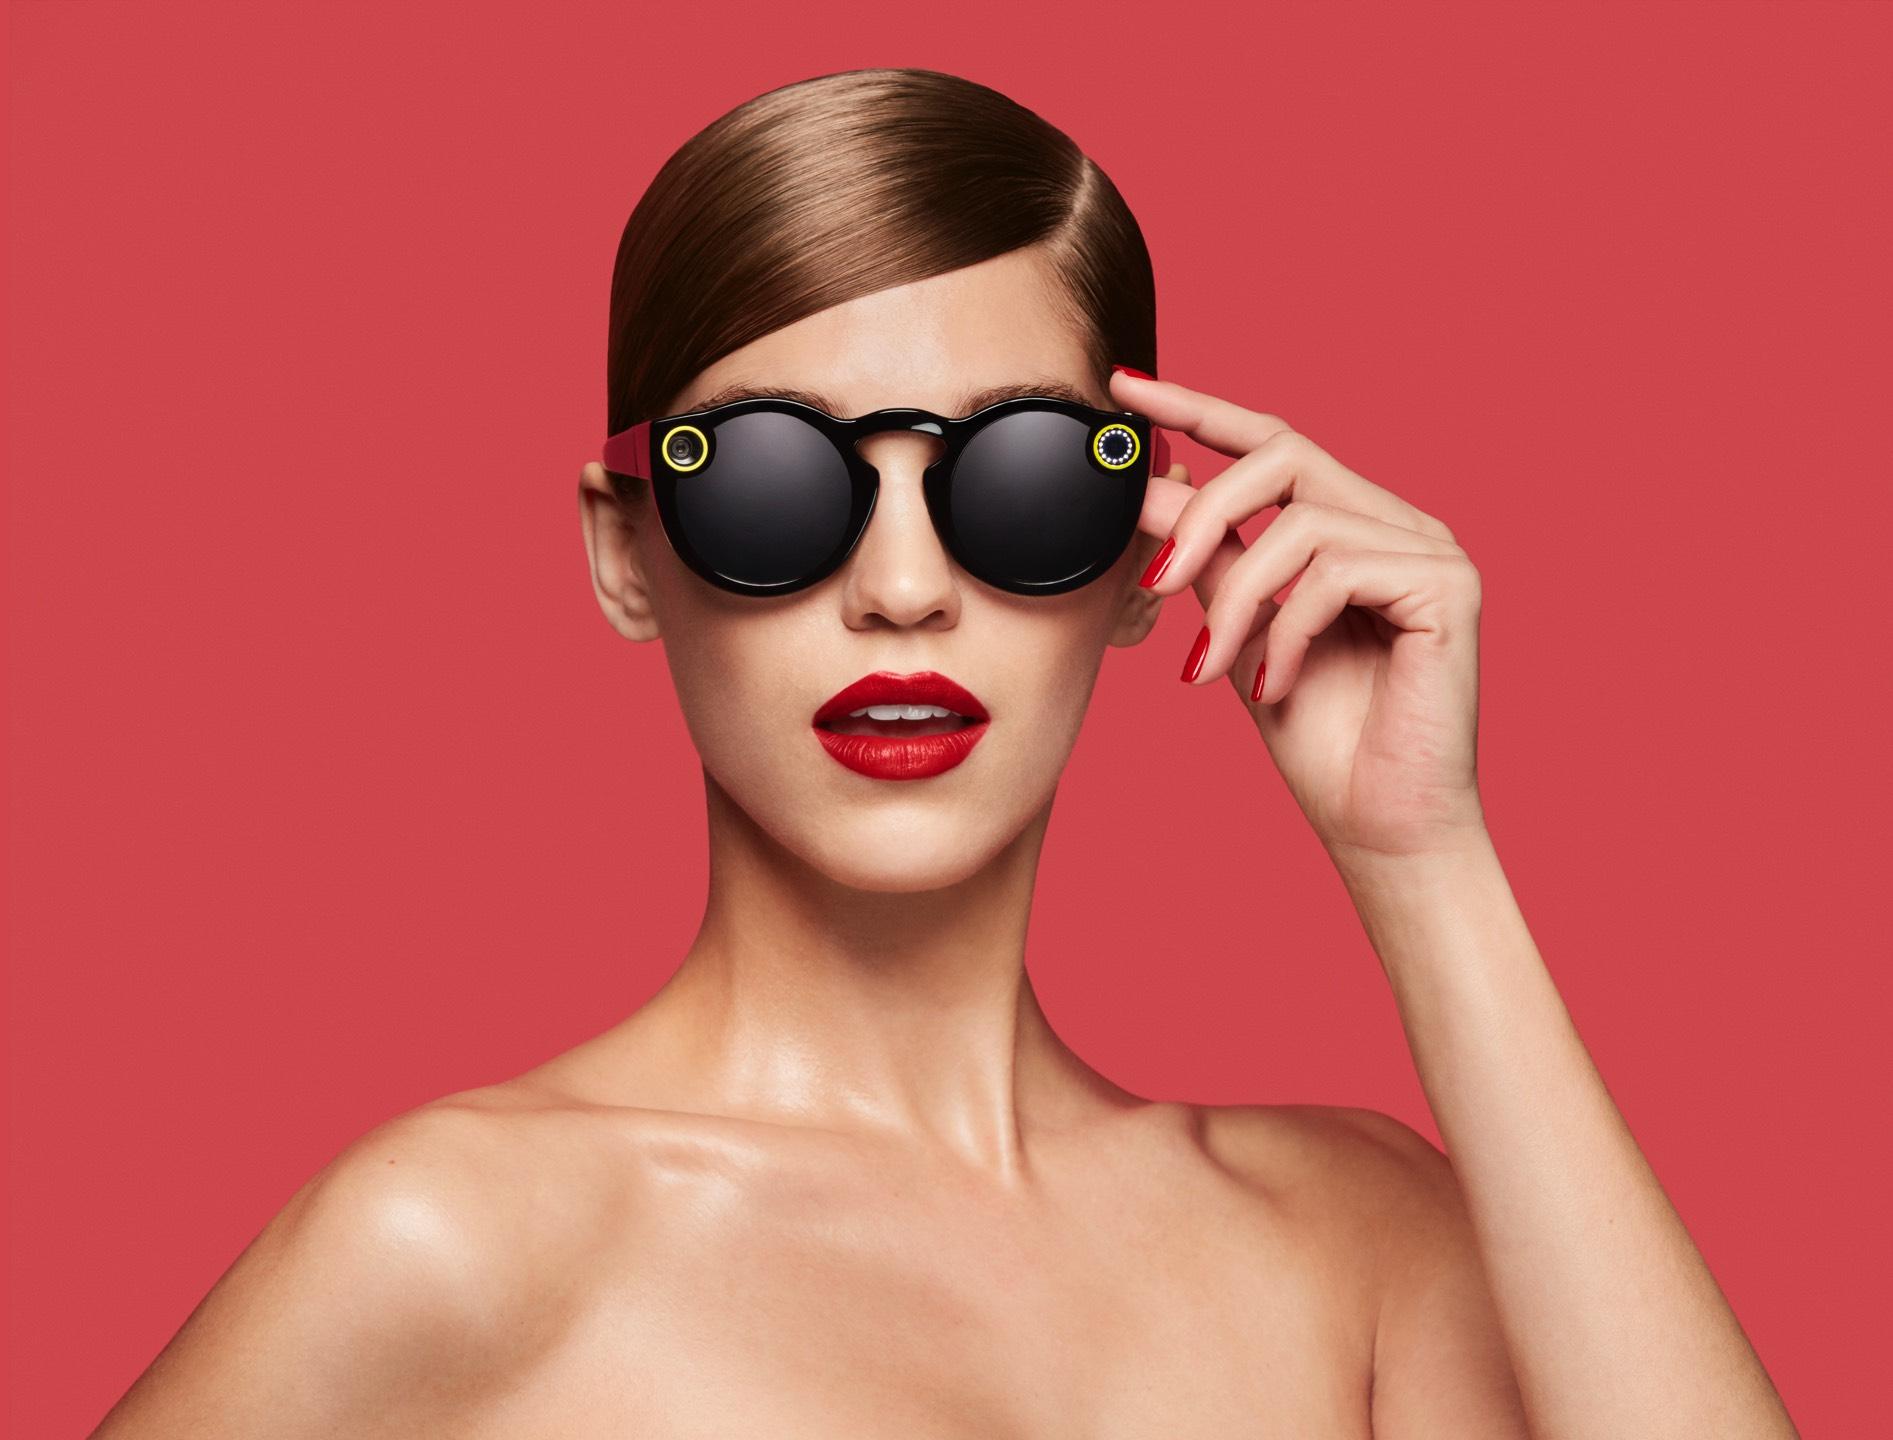 Możesz już kupić w Polsce okulary Spectacles od Snapchata. Cena zwala z nóg